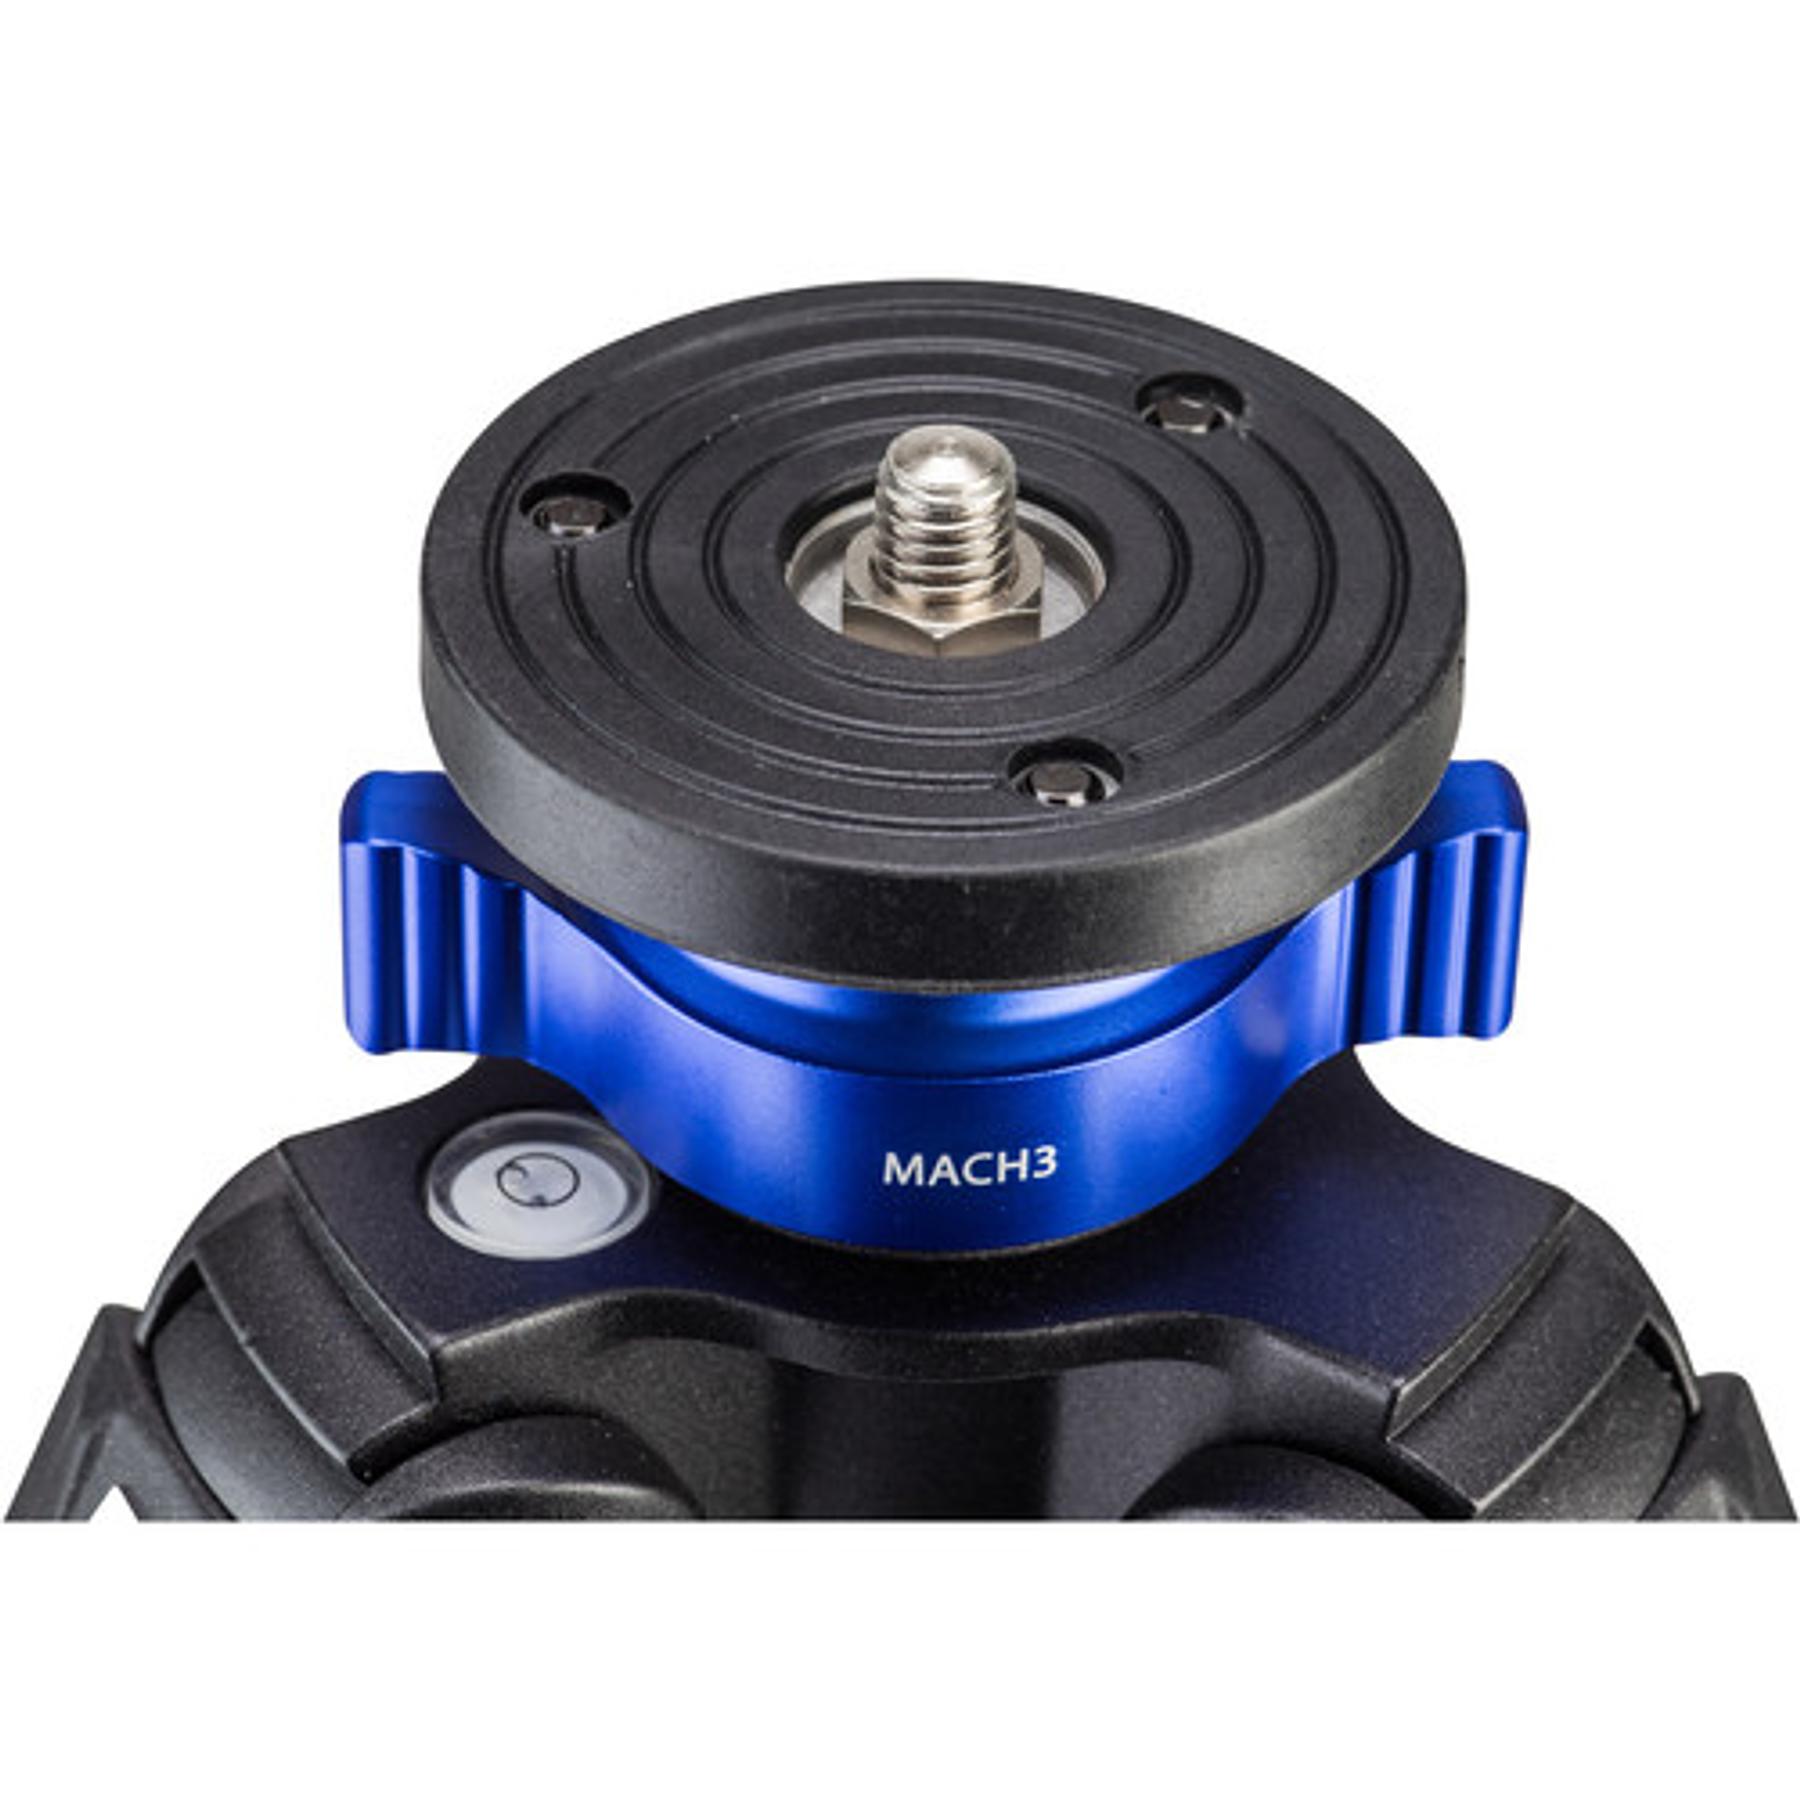 Trípode TMA47AXL twist lock Serie Mach 3 Aluminio. NºTMA47AXL